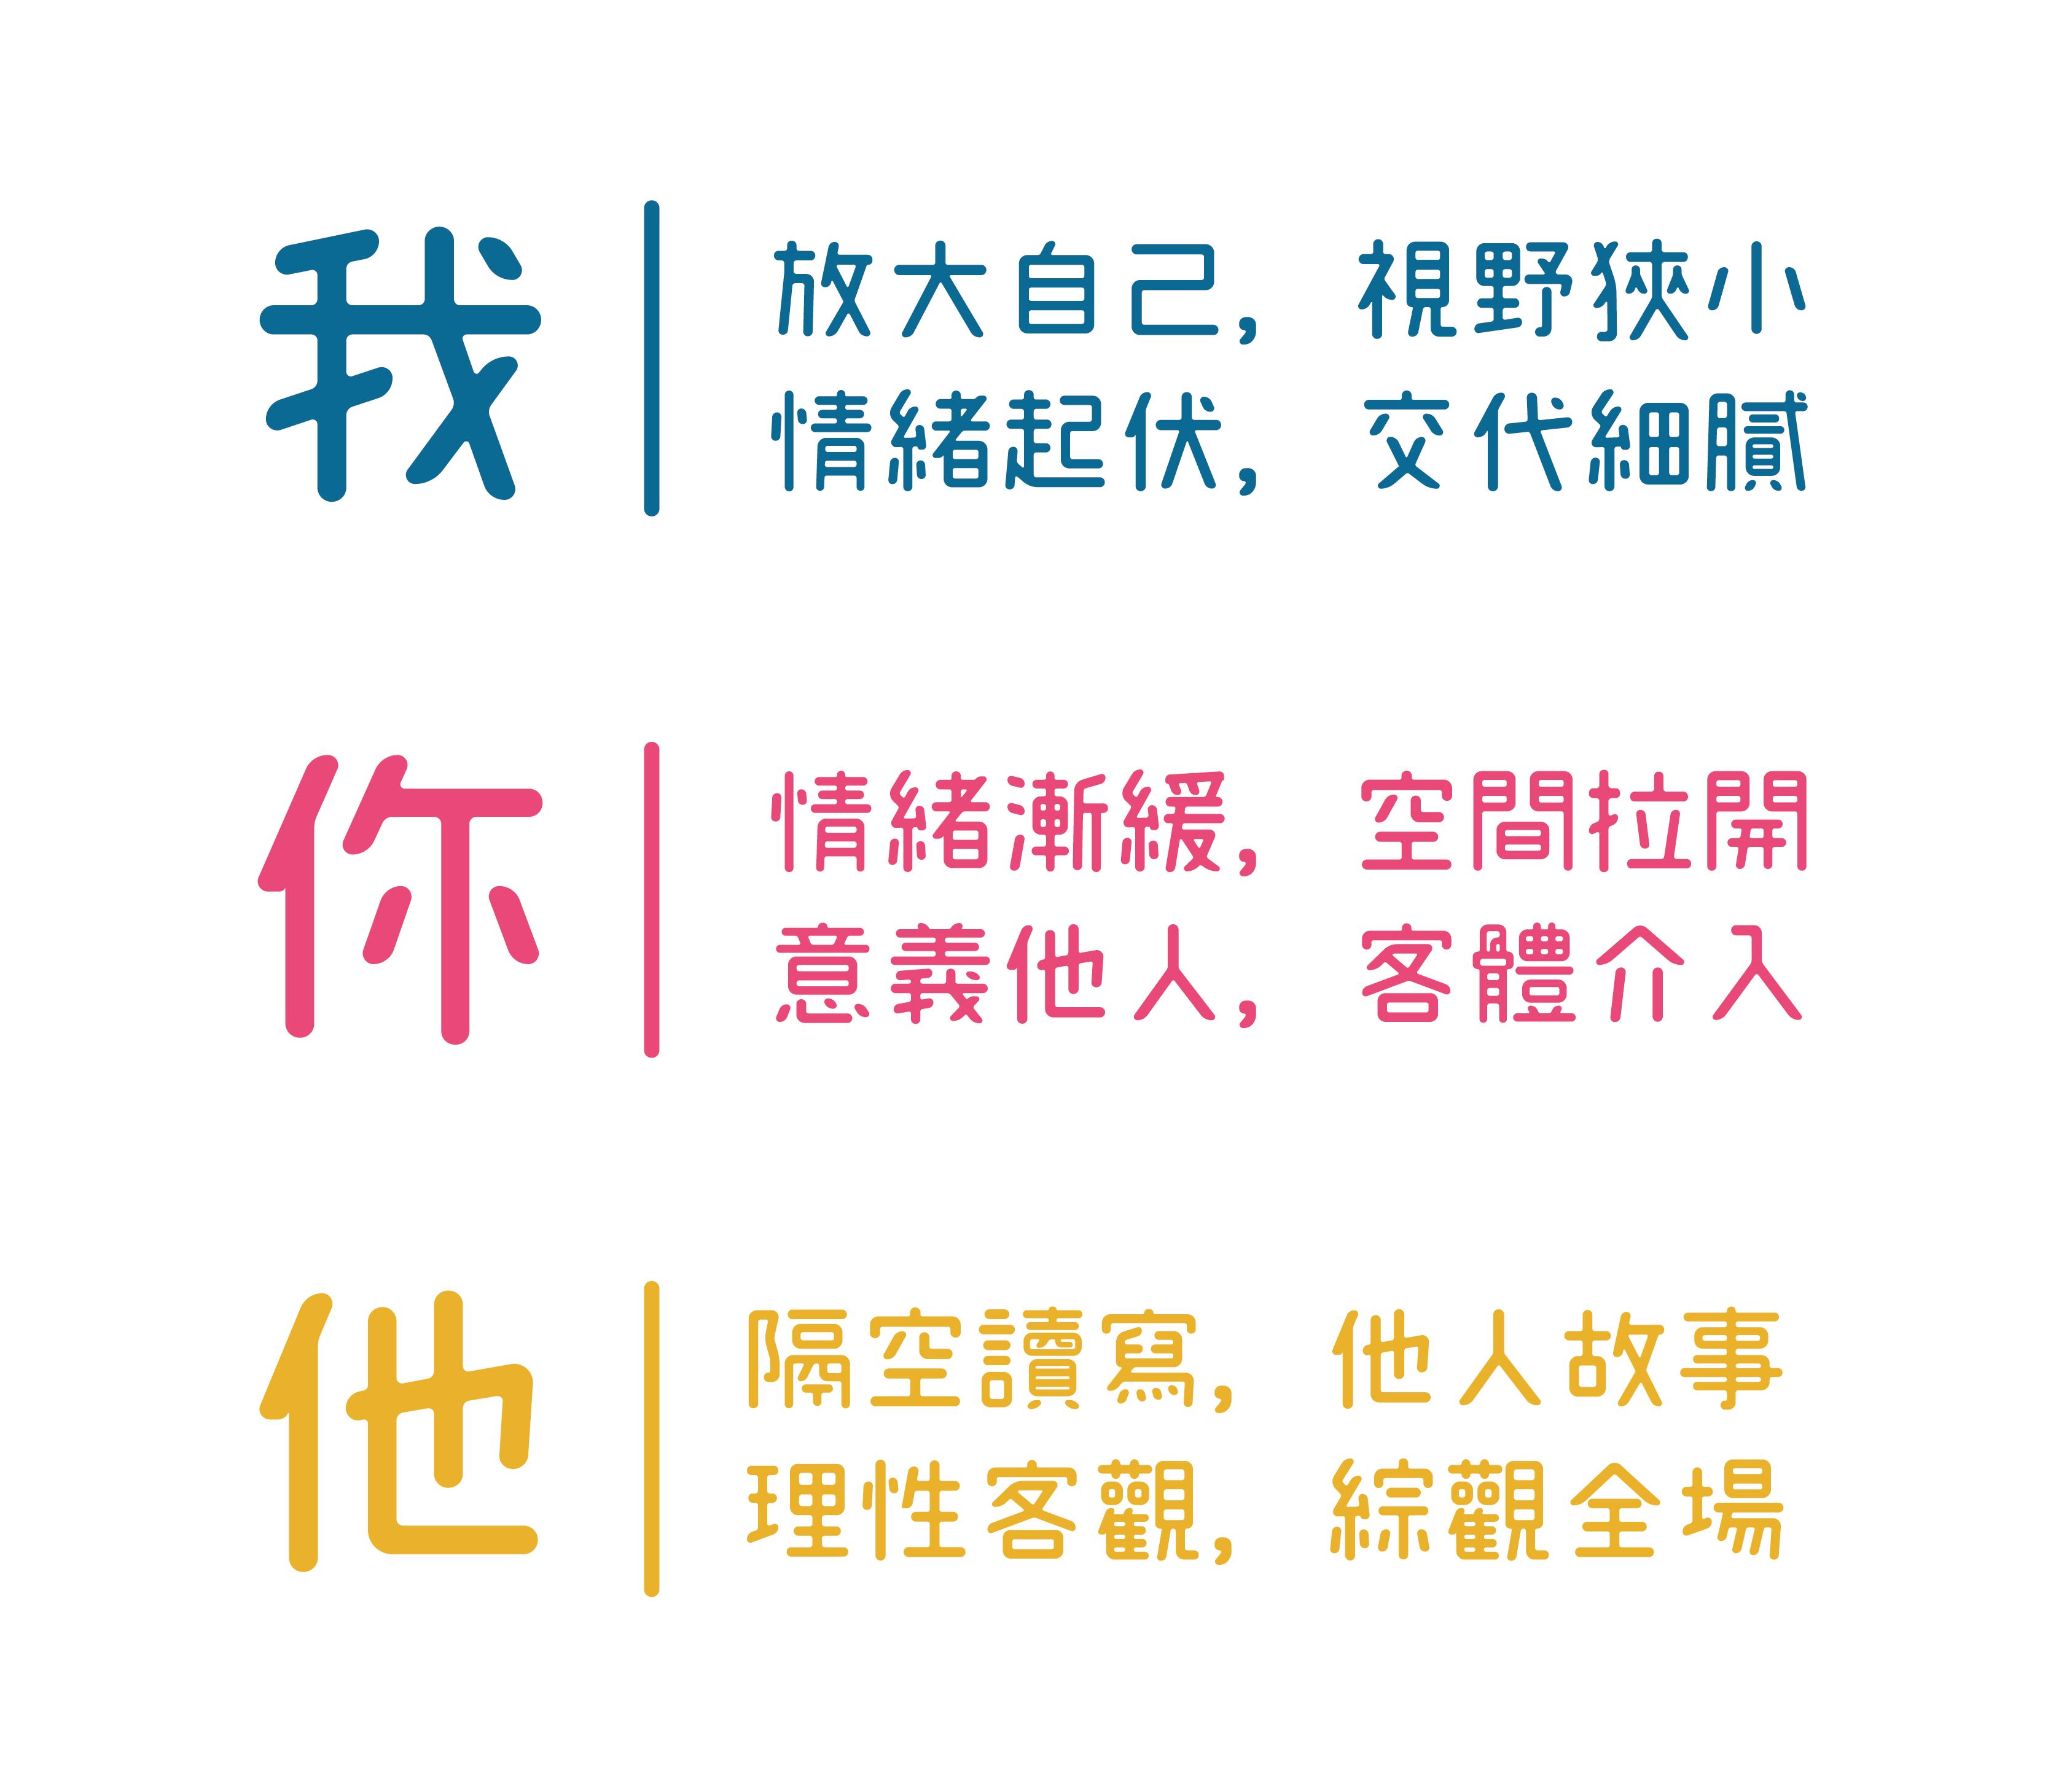 變化「我、你、他」三種寫作位格,會產生不同的心理感受。資料來源│金樹人,2010;張仁和等人,2010;Chang et al., 2013 圖說重製│張語辰